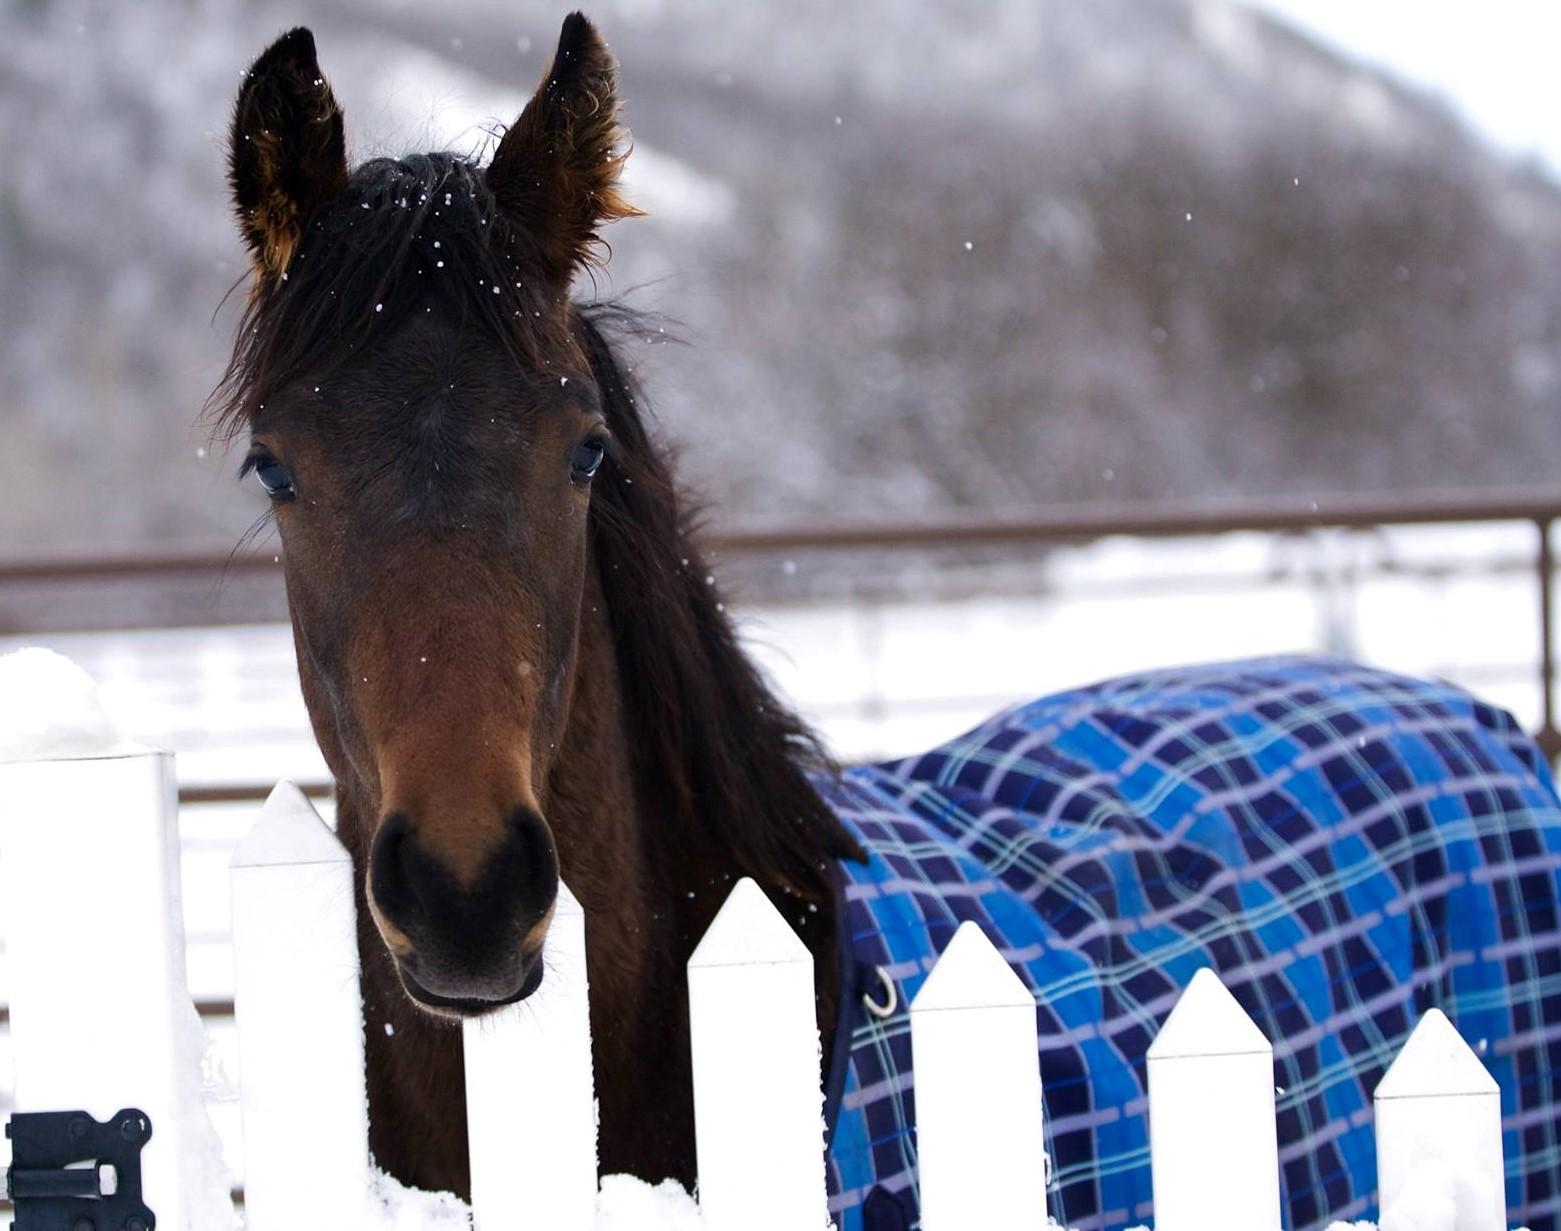 Cavalo de apenas 2 semanas vive espalhando sorrisos e está encantando a internet 4